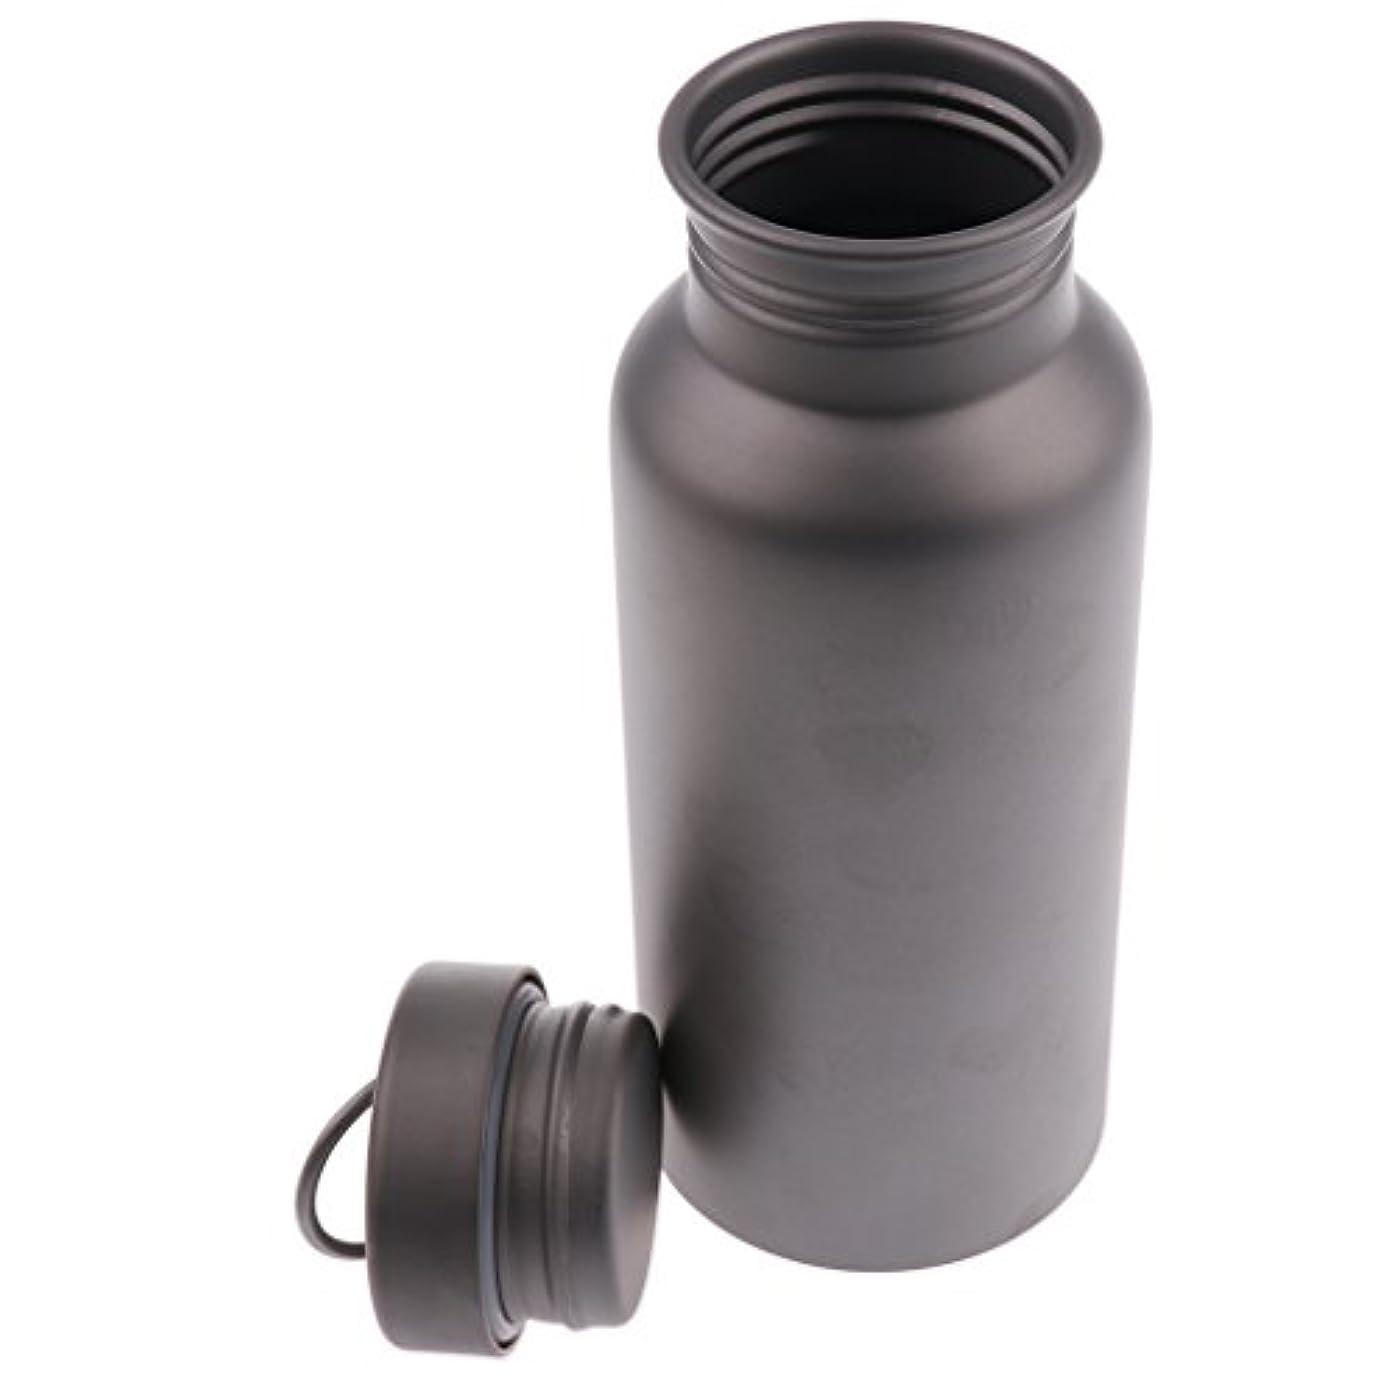 ブルームひどく道徳のDYNWAVE チタン スポーツ 断熱 水ボトル 漏れ防止 ティーポット 釣り キャンプ 全3サイズ